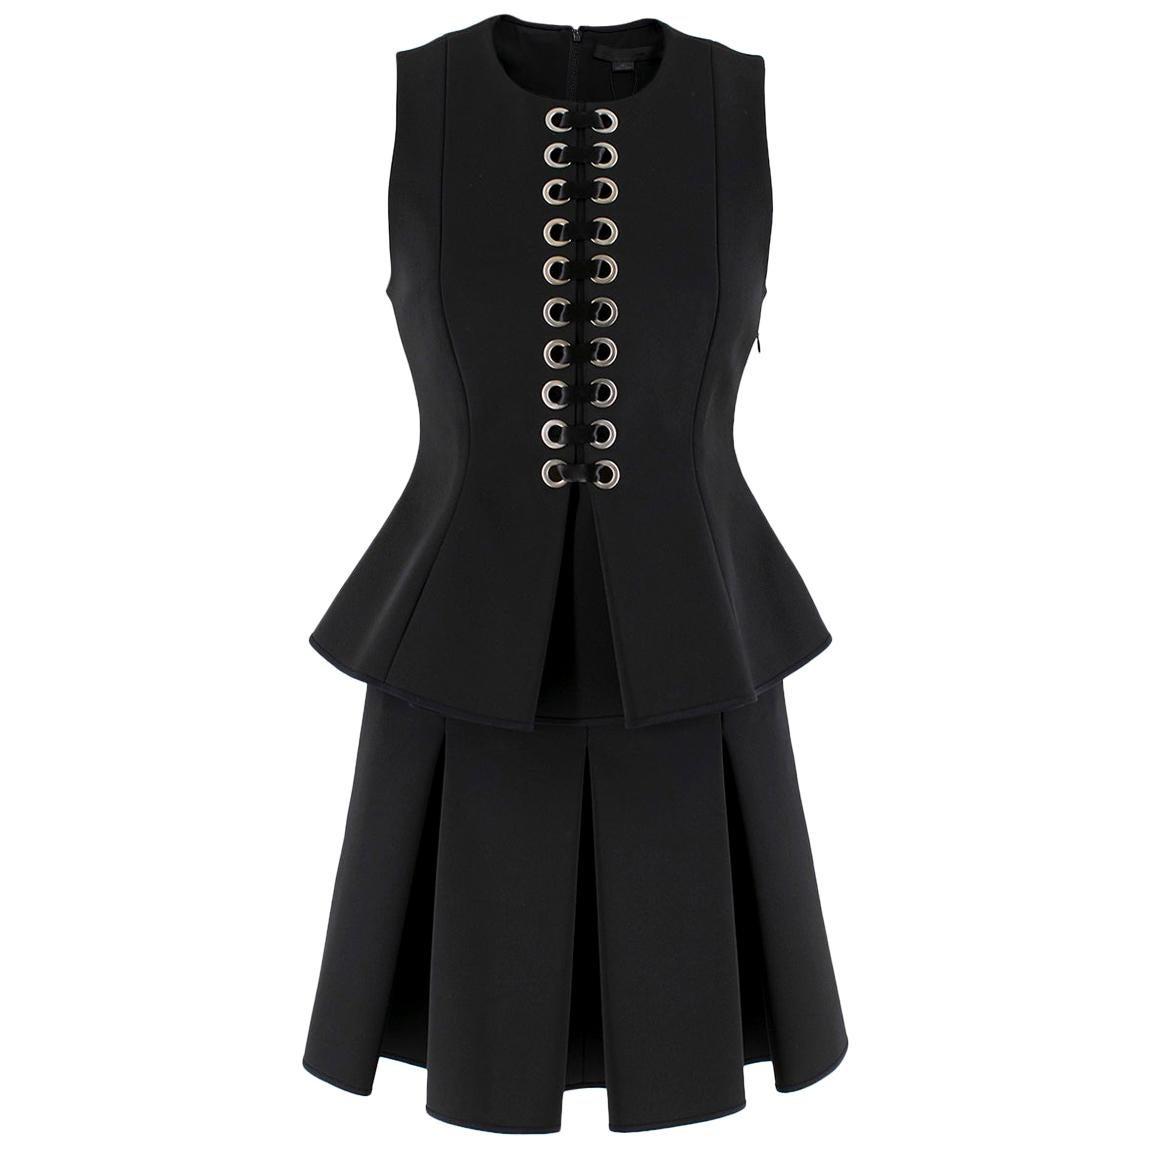 Alexander Wang Black Lace-Up Peplum Top & Pleated Skirt  Top- 2, Skirt- 4 (XS)